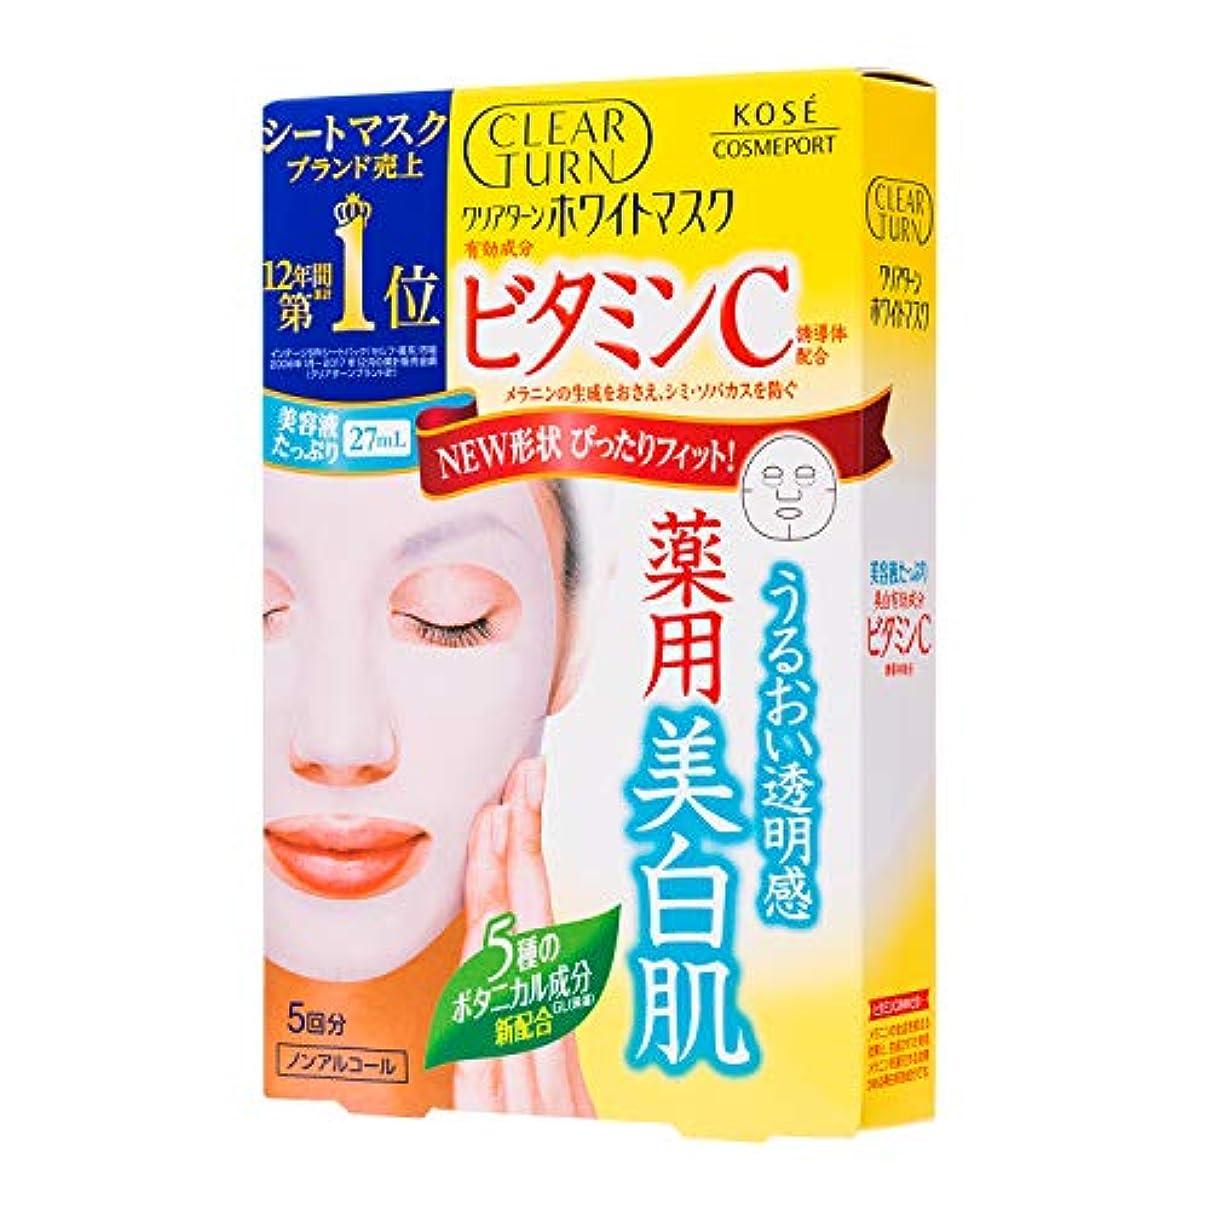 間違っているラグ衣服KOSE クリアターン ホワイト マスク VC c (ビタミンC) 5回分 (22mL×5)